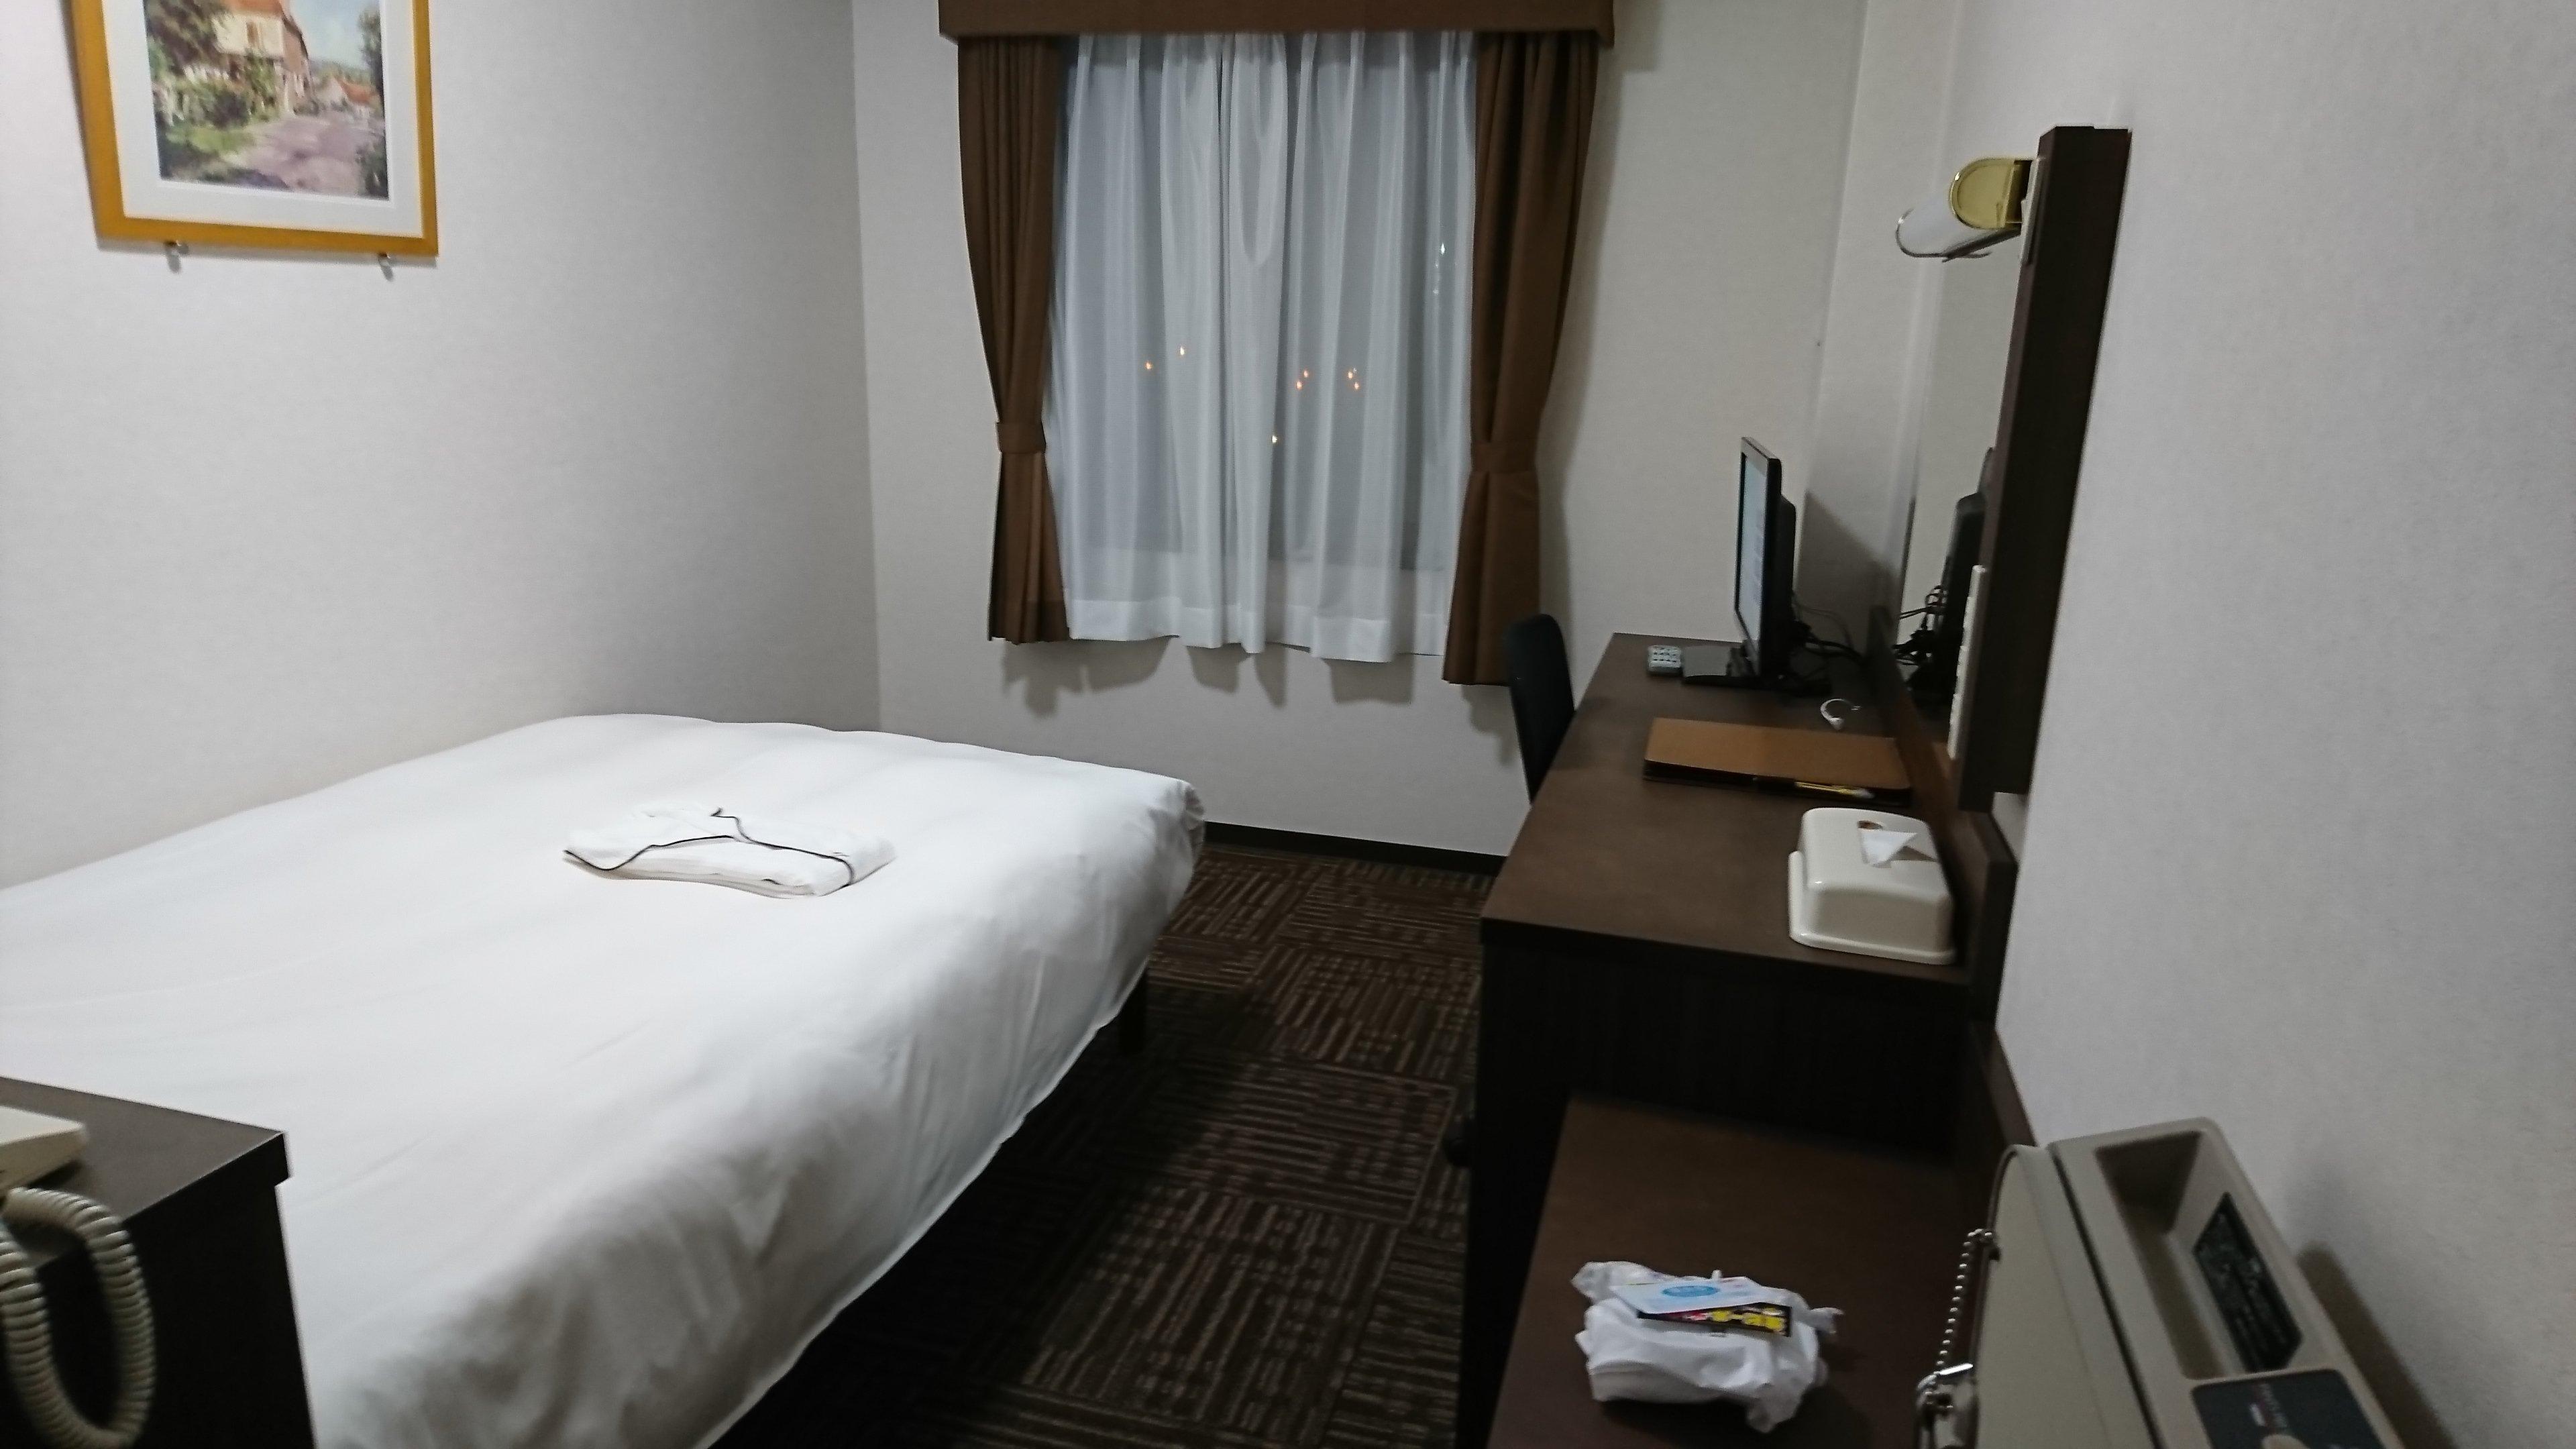 Hotel Alpha 1 Tsuyama